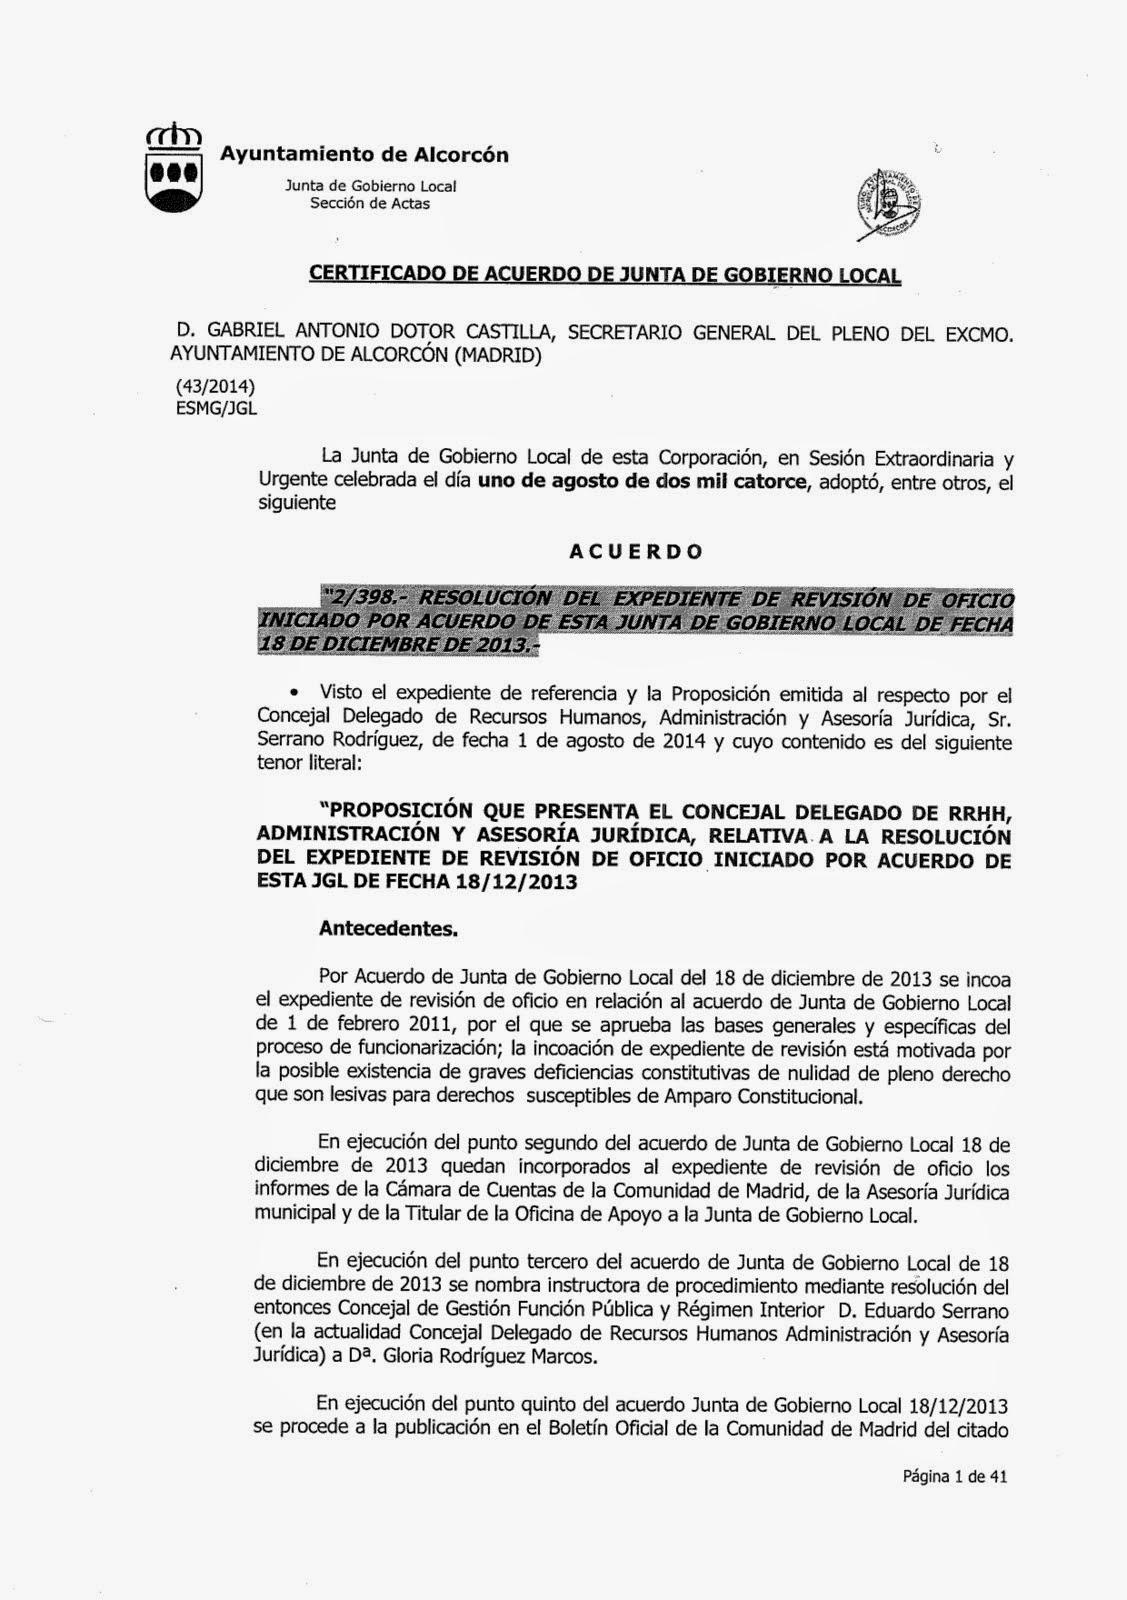 ACUERDO DE JGL DE 1 DE AGOSTO DE 2014 SOBRE LA REVISIÓN DE OFICIO DEL PROCESO DE FUNCIONARIZACIÓN